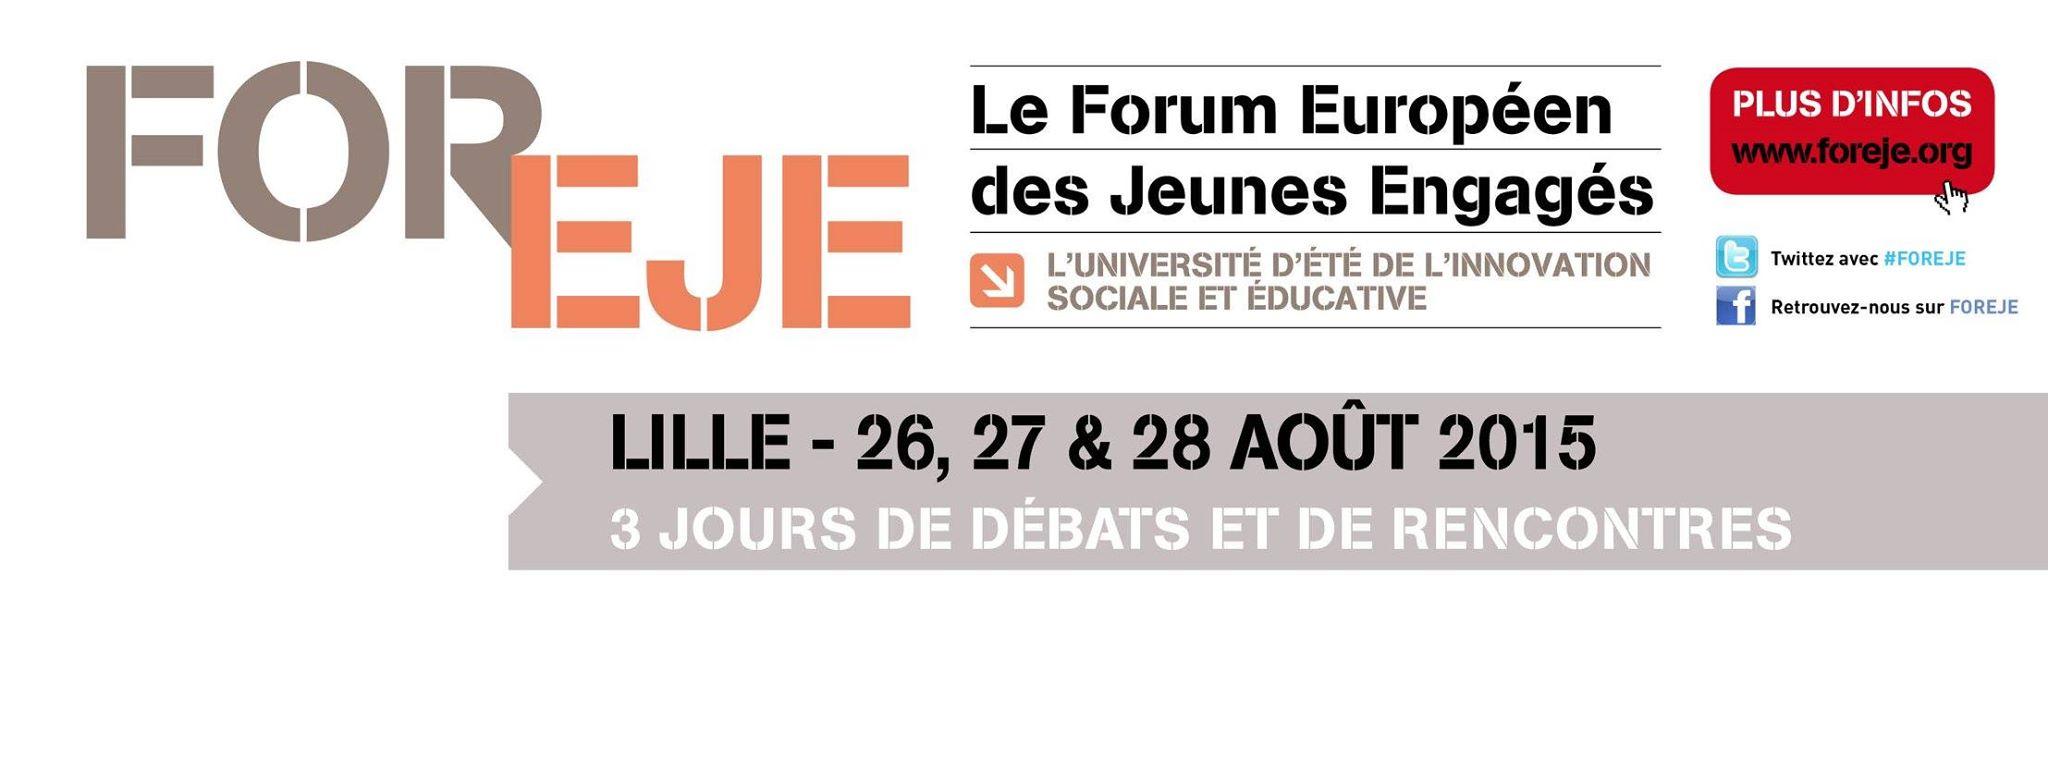 foreje-bandeau-Fcb forum européen jeunesse 25 28 aout